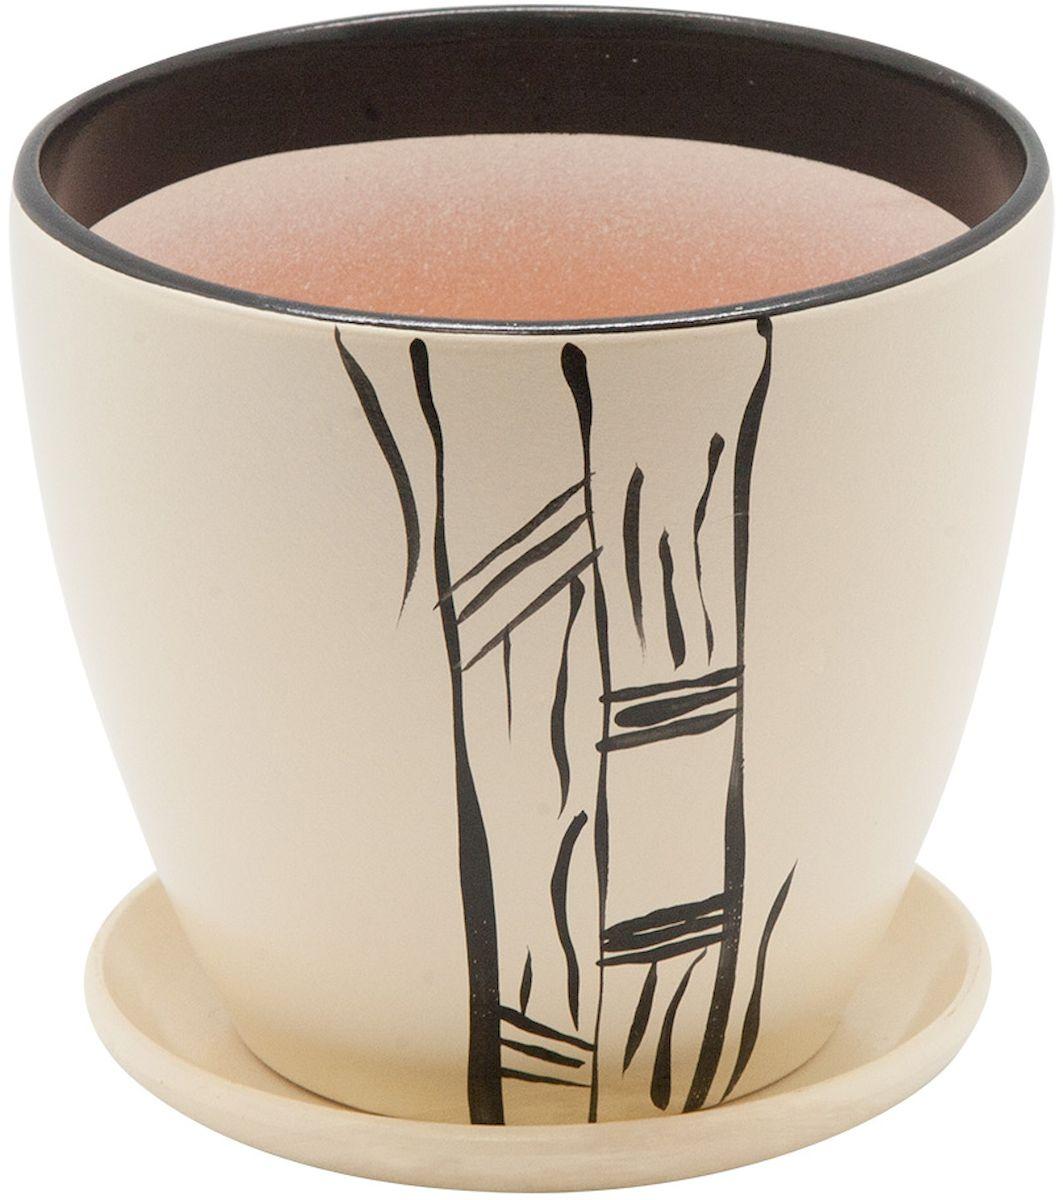 Горшок цветочный Engard, с поддоном, цвет: бежевый, 1,4 л. BH-17-1BH-17-1Керамический горшок Engard - это идеальное решение для выращивания комнатных растений и создания изысканности в интерьере. Керамический горшок сделан из высококачественной глины в классической форме и оригинальном дизайне.Объем: 1,4 л.